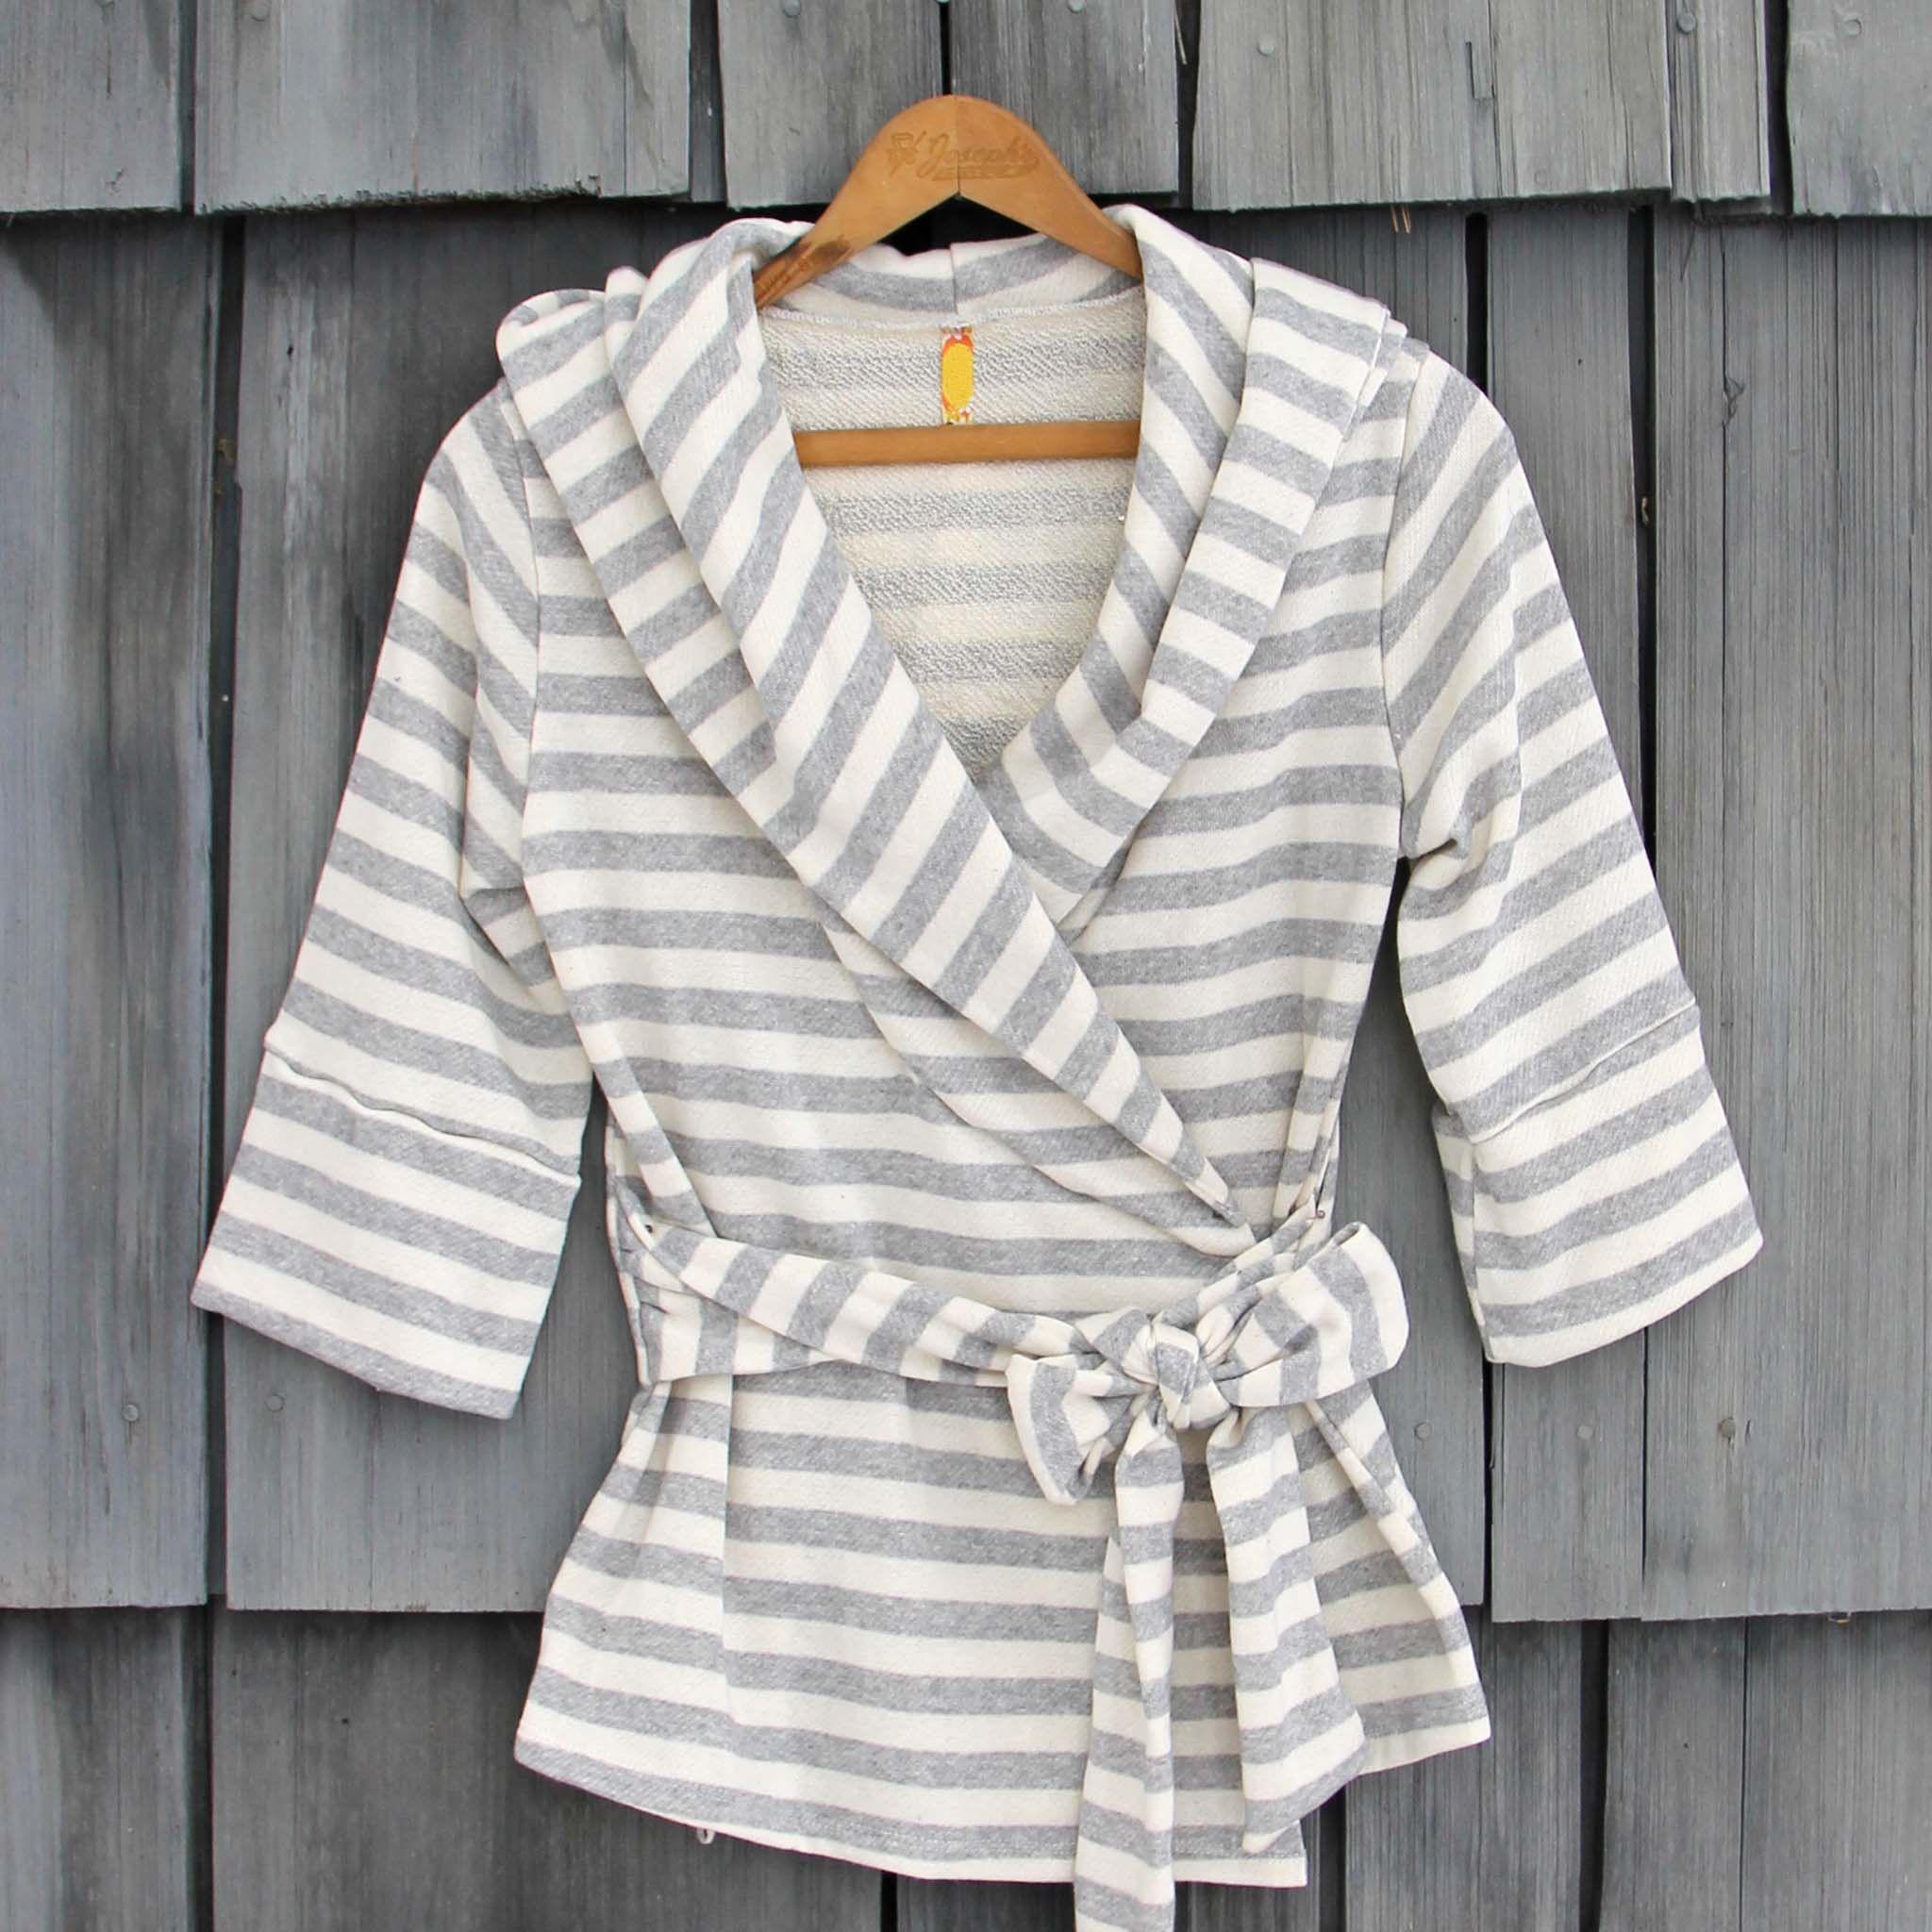 Wayfarer Stripe Hoodie in Gray